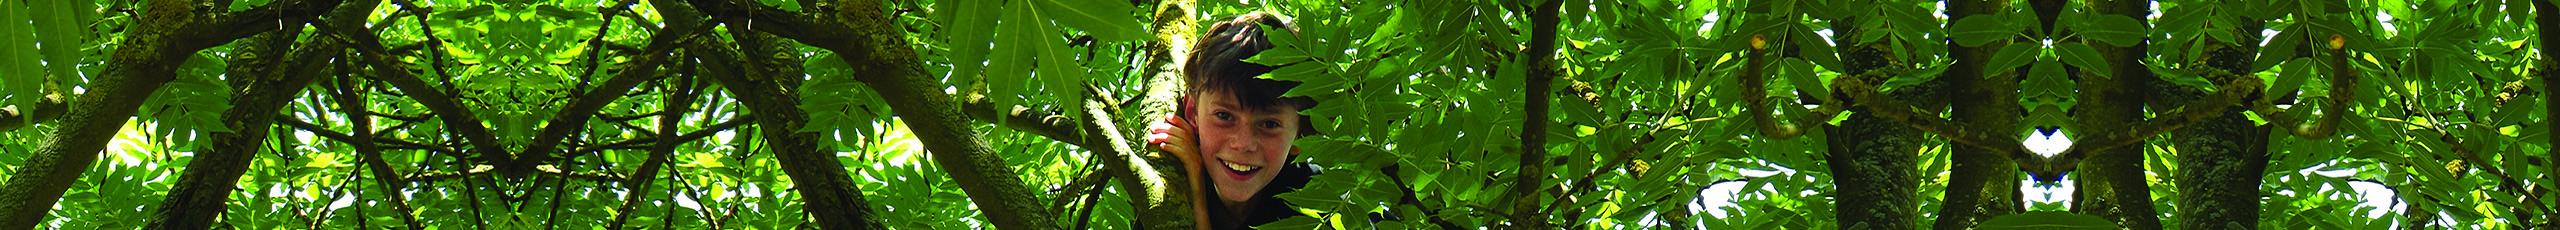 Kids climb trees